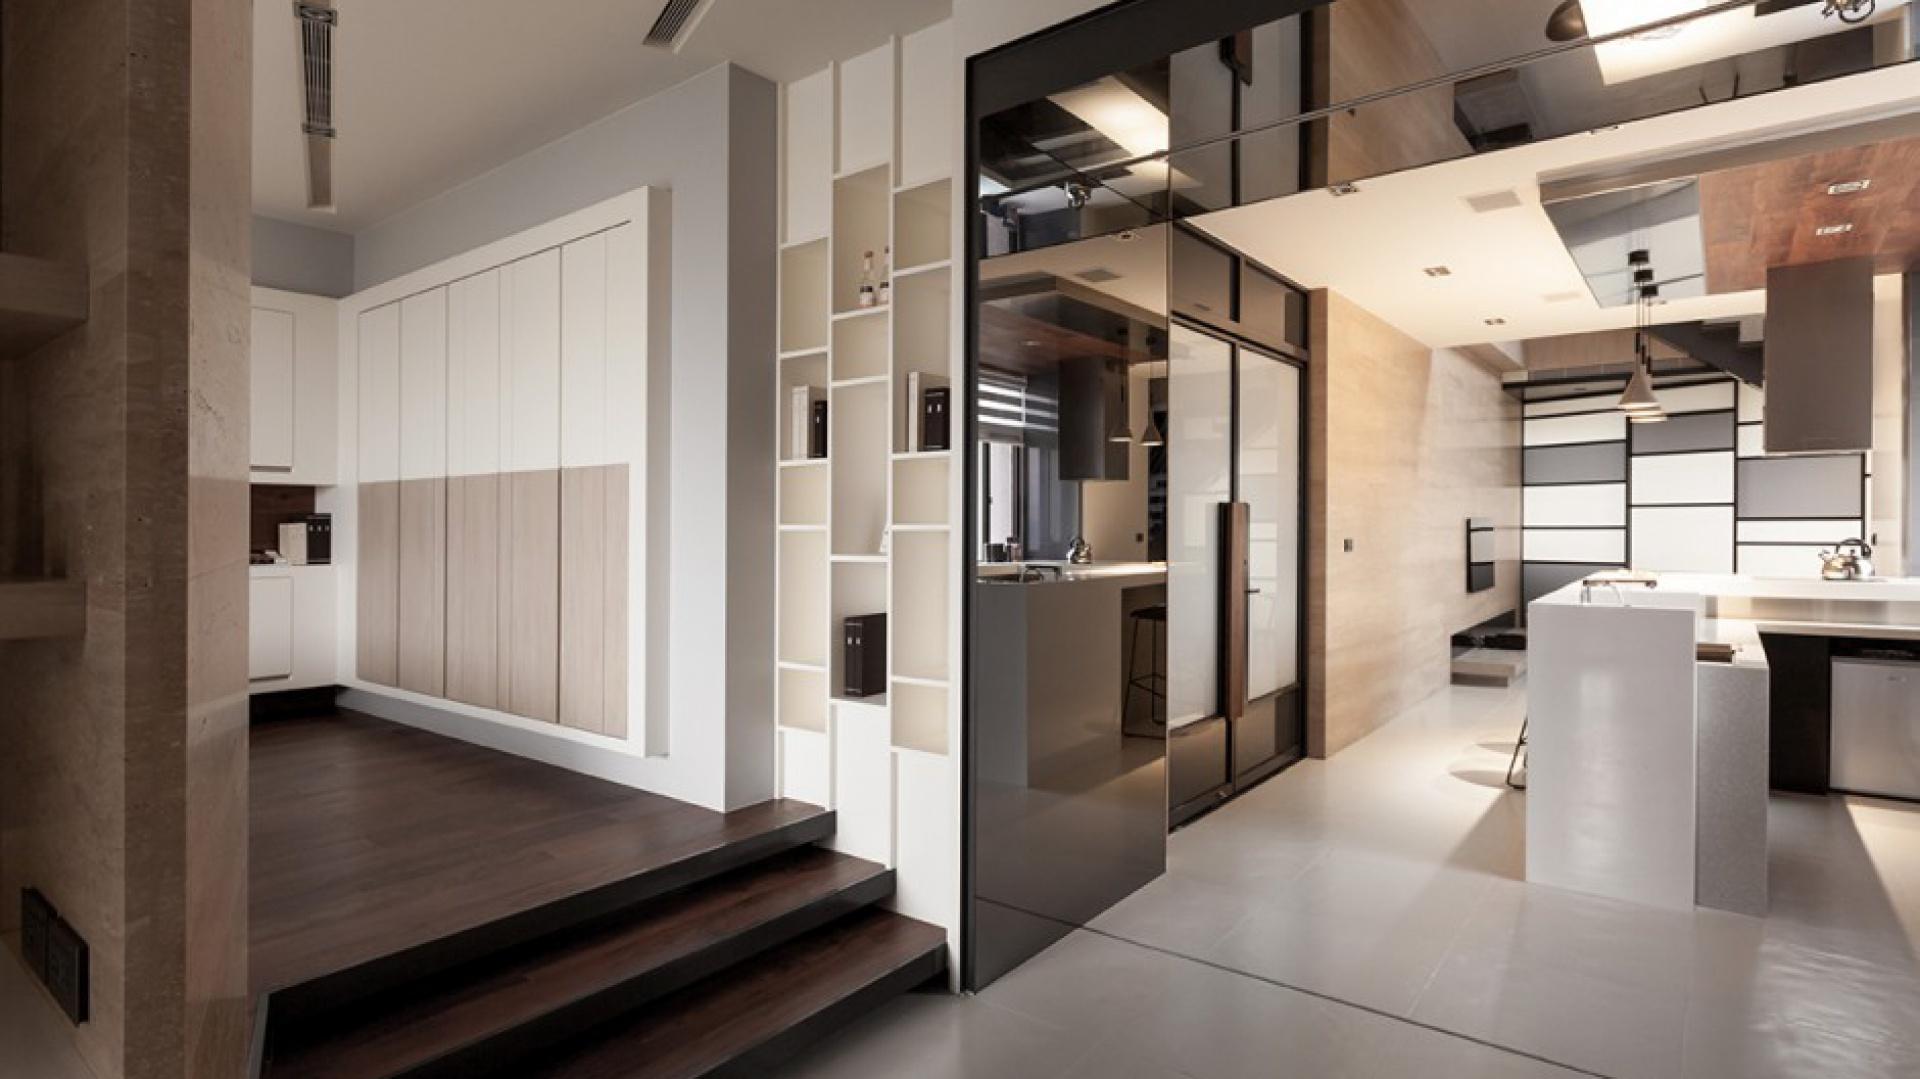 Chcąc nadać wnętrzu jak najwięcej przestrzenności, zrezygnowano z większości ścianek działowych. Odrębność poszczególnych funkcji mieszkania zaznaczono za pomocą różnorodnej posadzki na podłogach oraz ich różnej wysokości. Projekt: Circle Huang&Gina Chiu. Fot. Hey! Cheese.